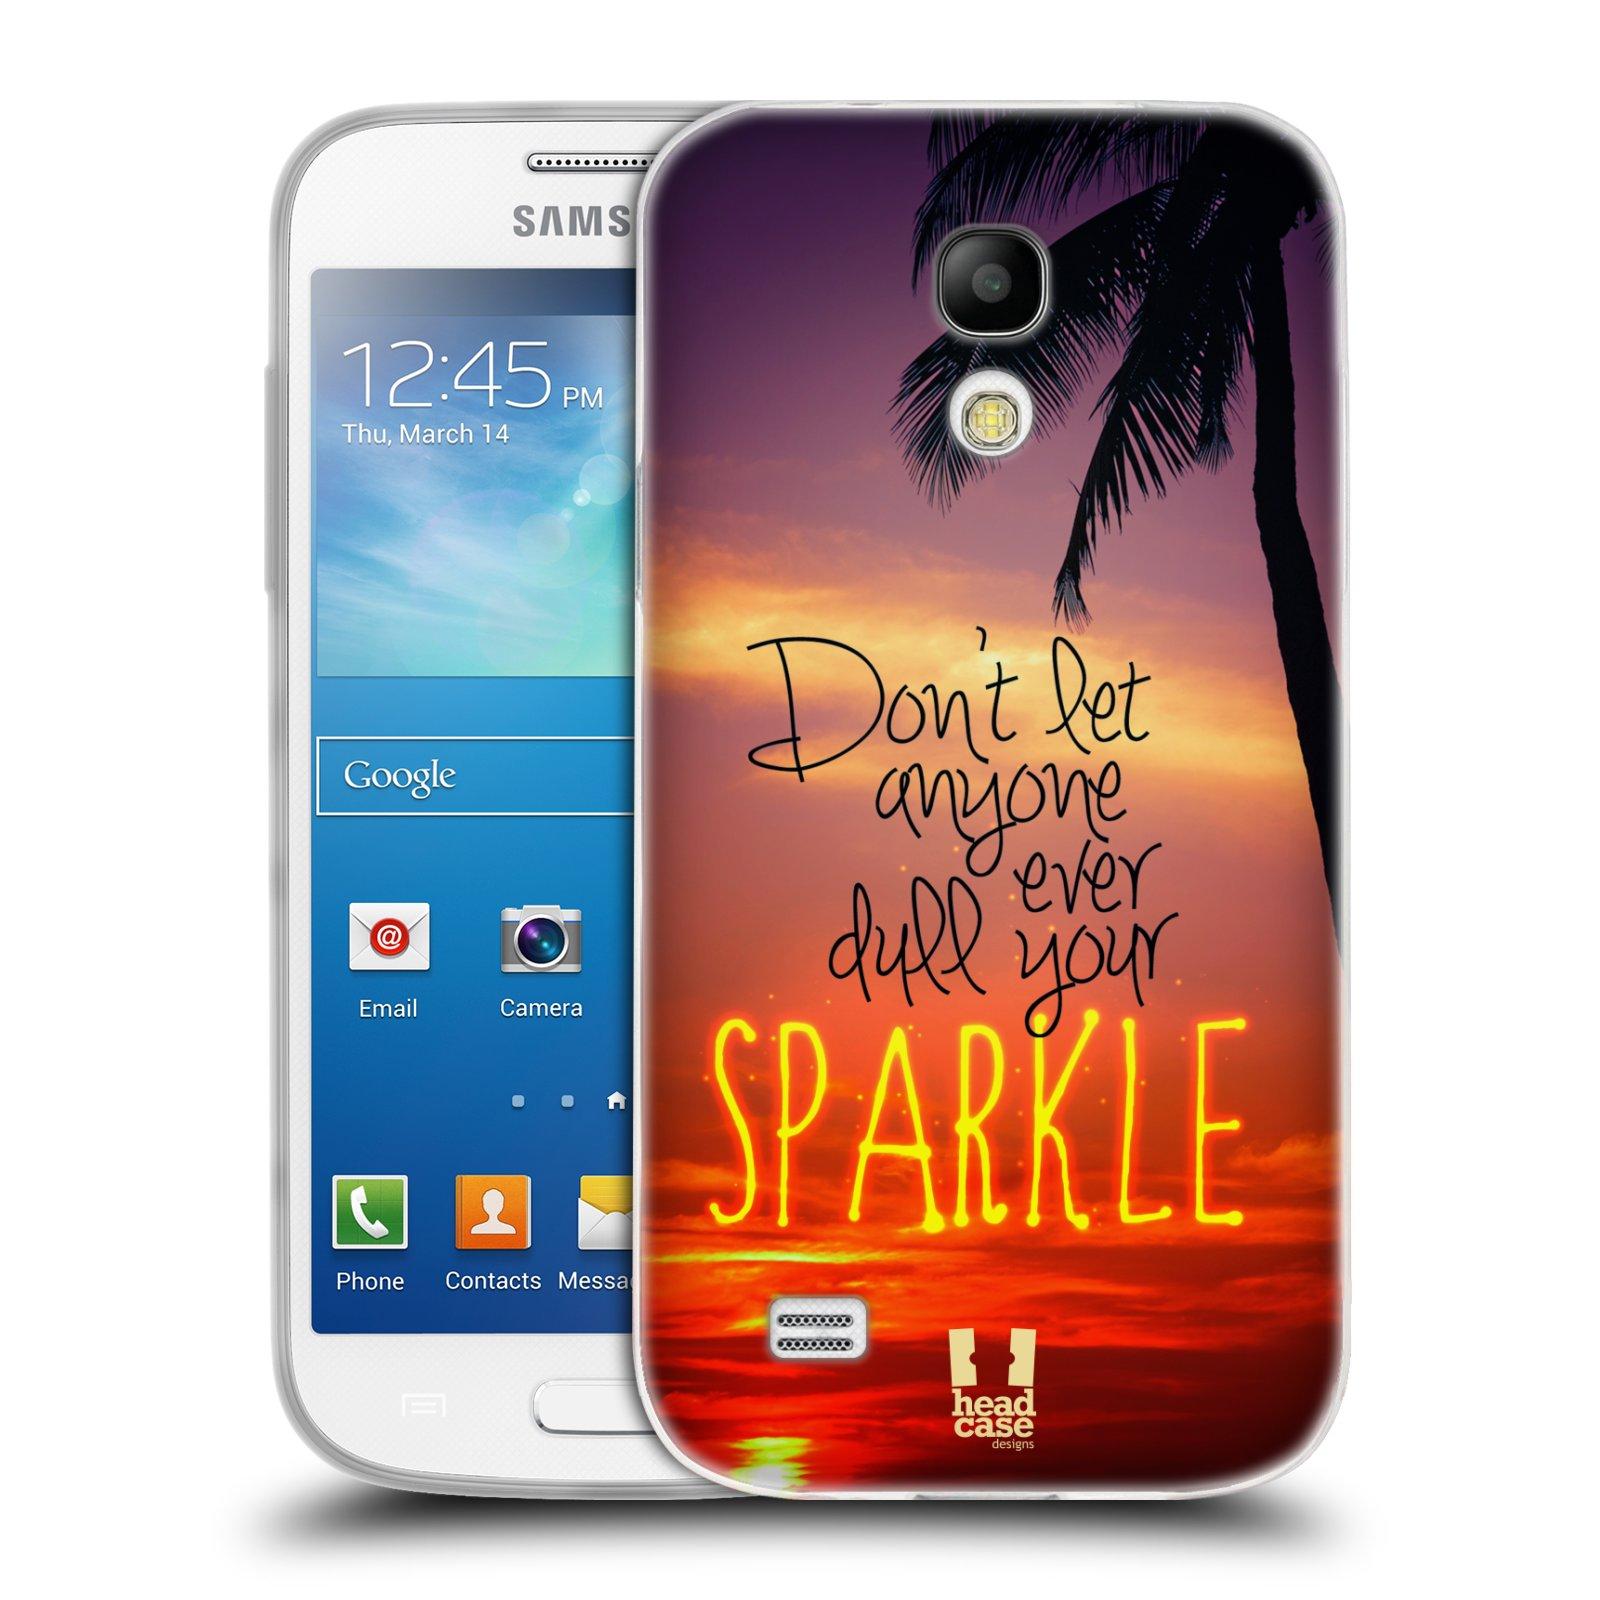 Silikonové pouzdro na mobil Samsung Galaxy S4 Mini HEAD CASE SPARKLE (Silikonový kryt či obal na mobilní telefon Samsung Galaxy S4 Mini GT-i9195 / i9190 (nepasuje na verzi Black Edition))